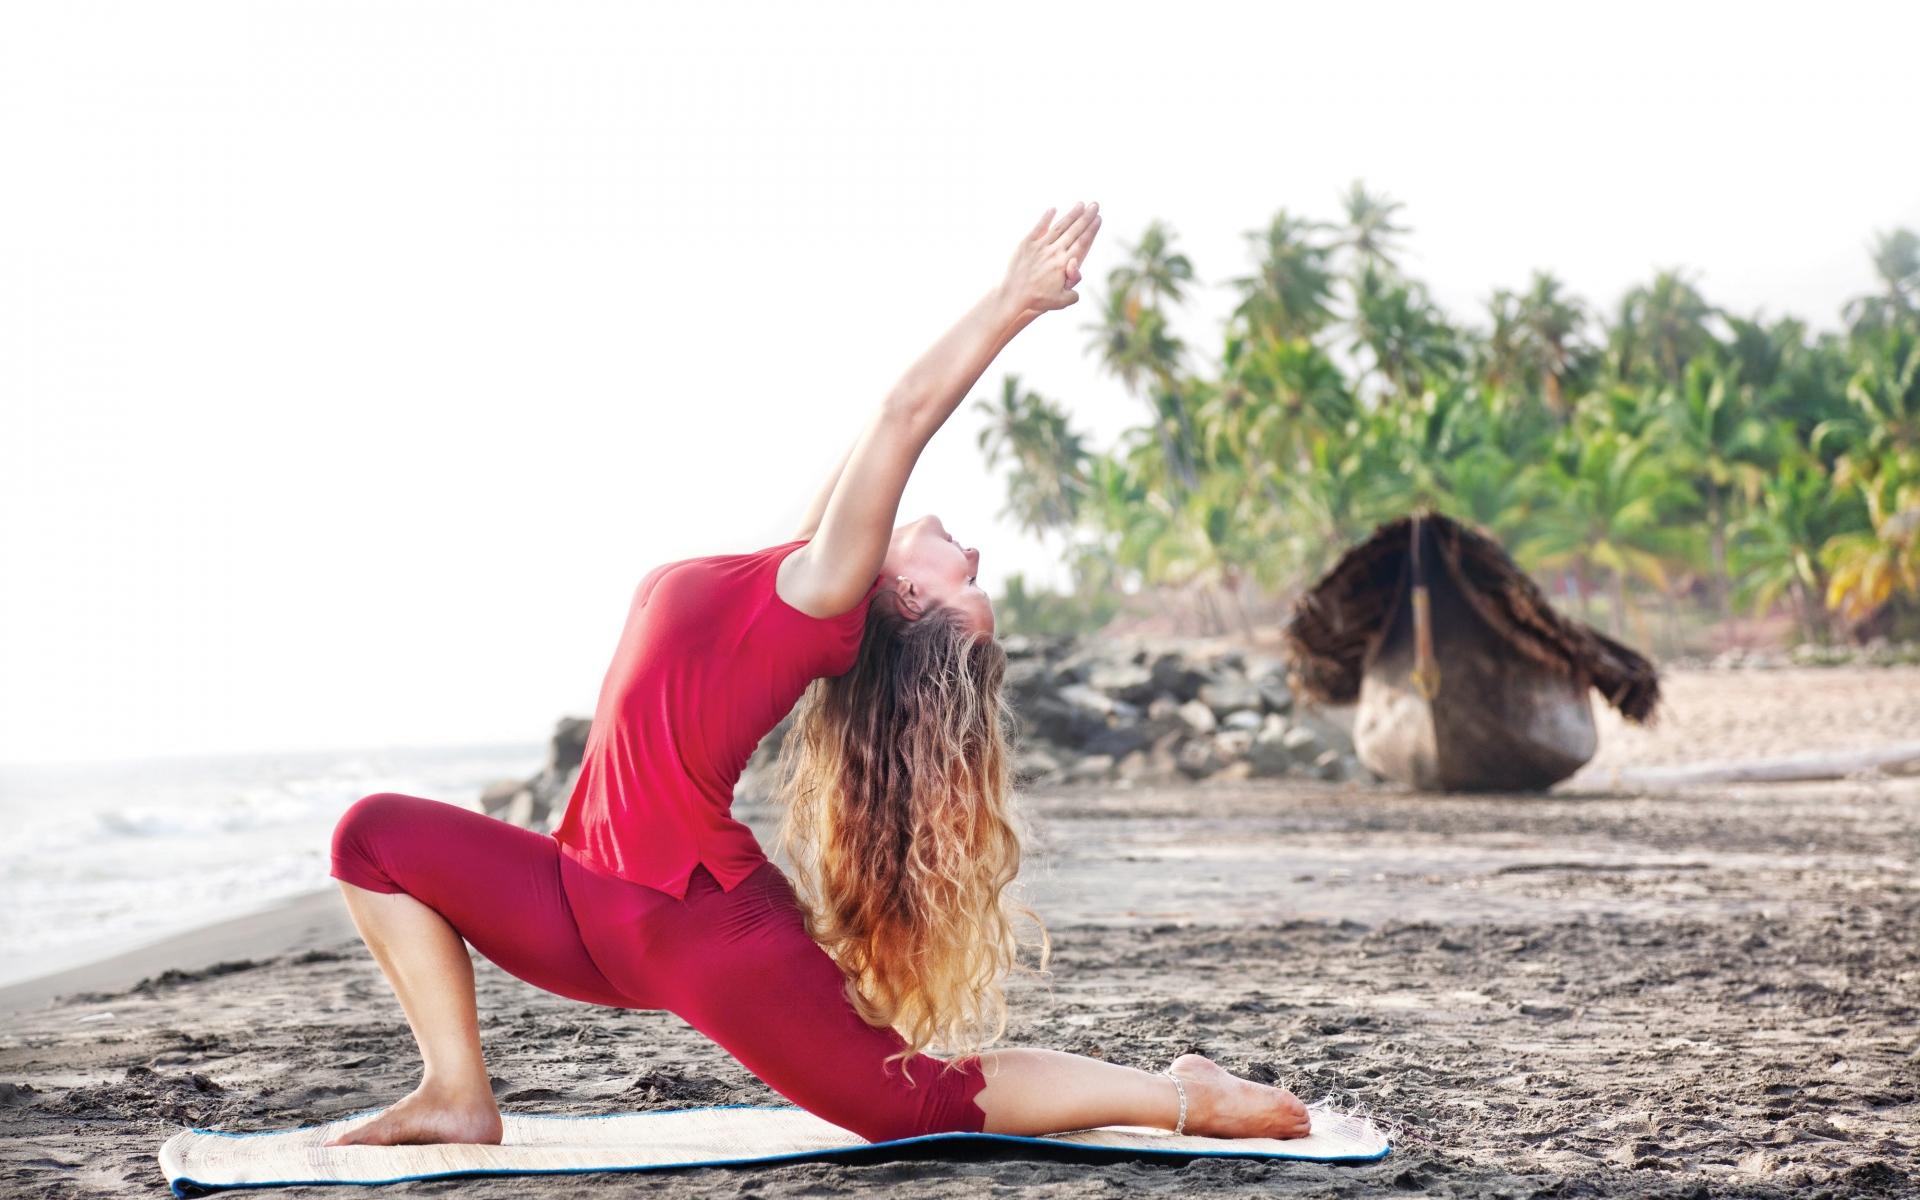 Обои картинки йоги на рабочий стол